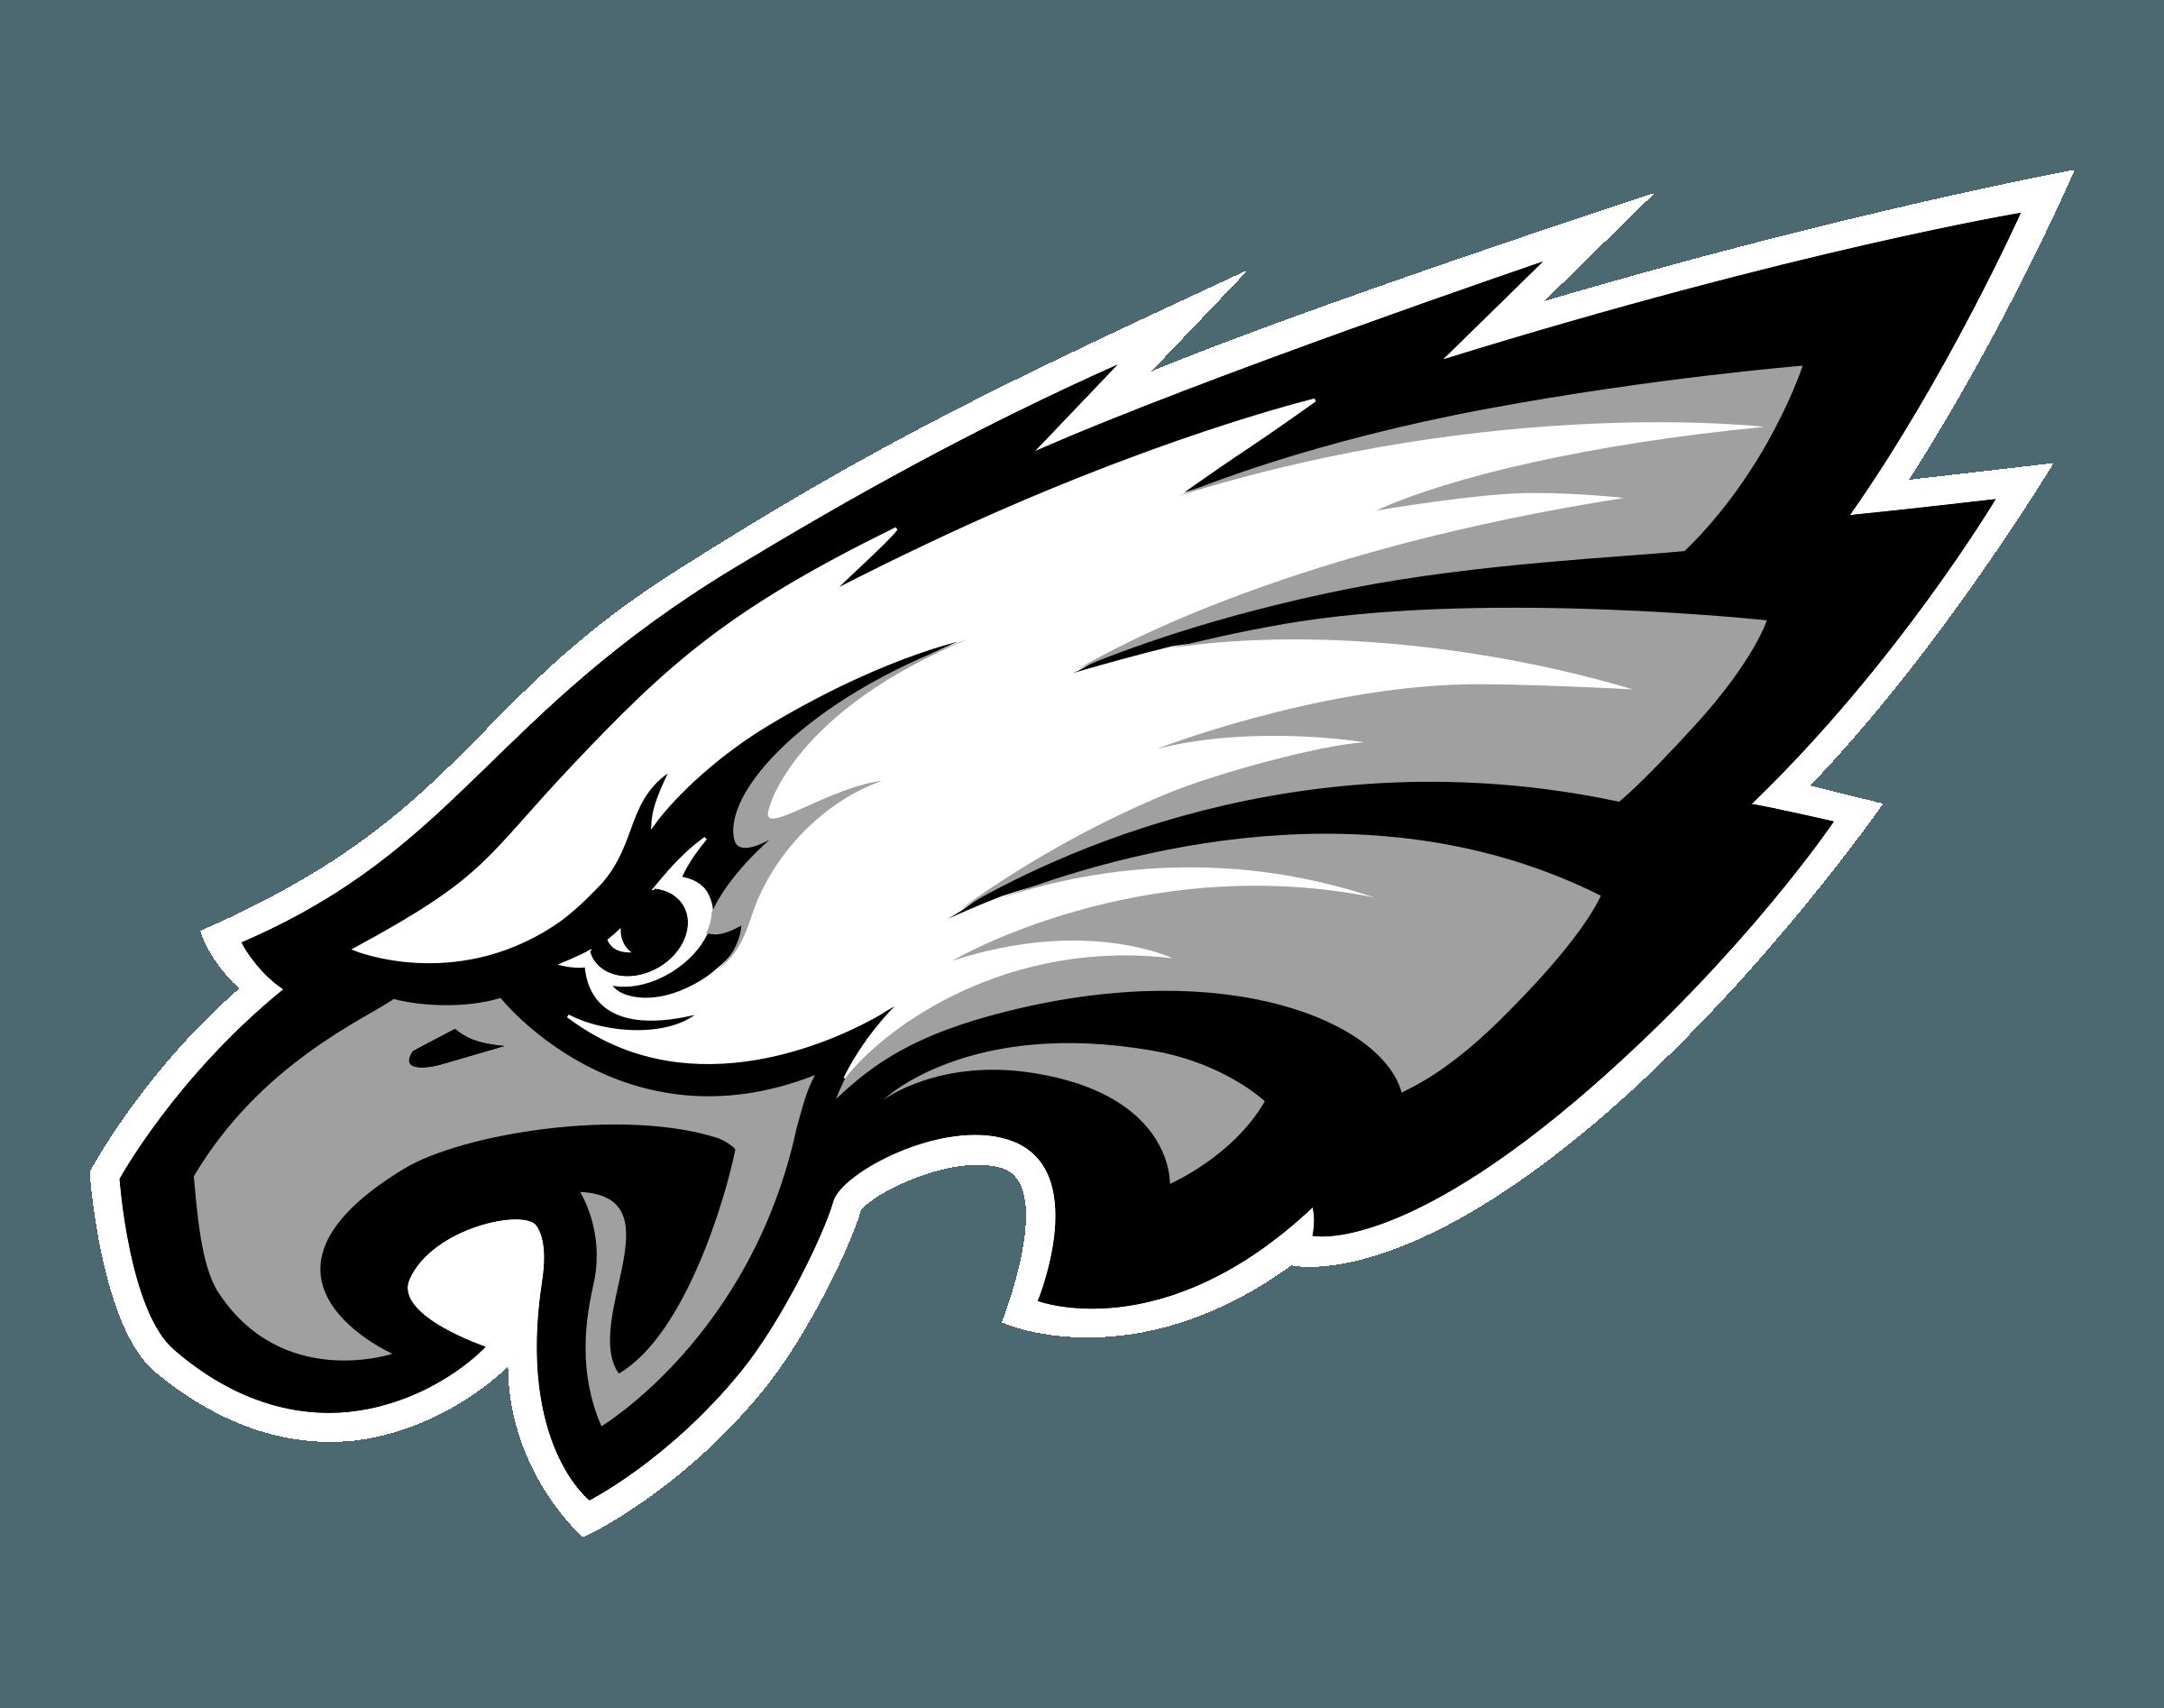 Eagle logo design black and white clipart jpg Black and White Eagle Logo - LogoDix jpg